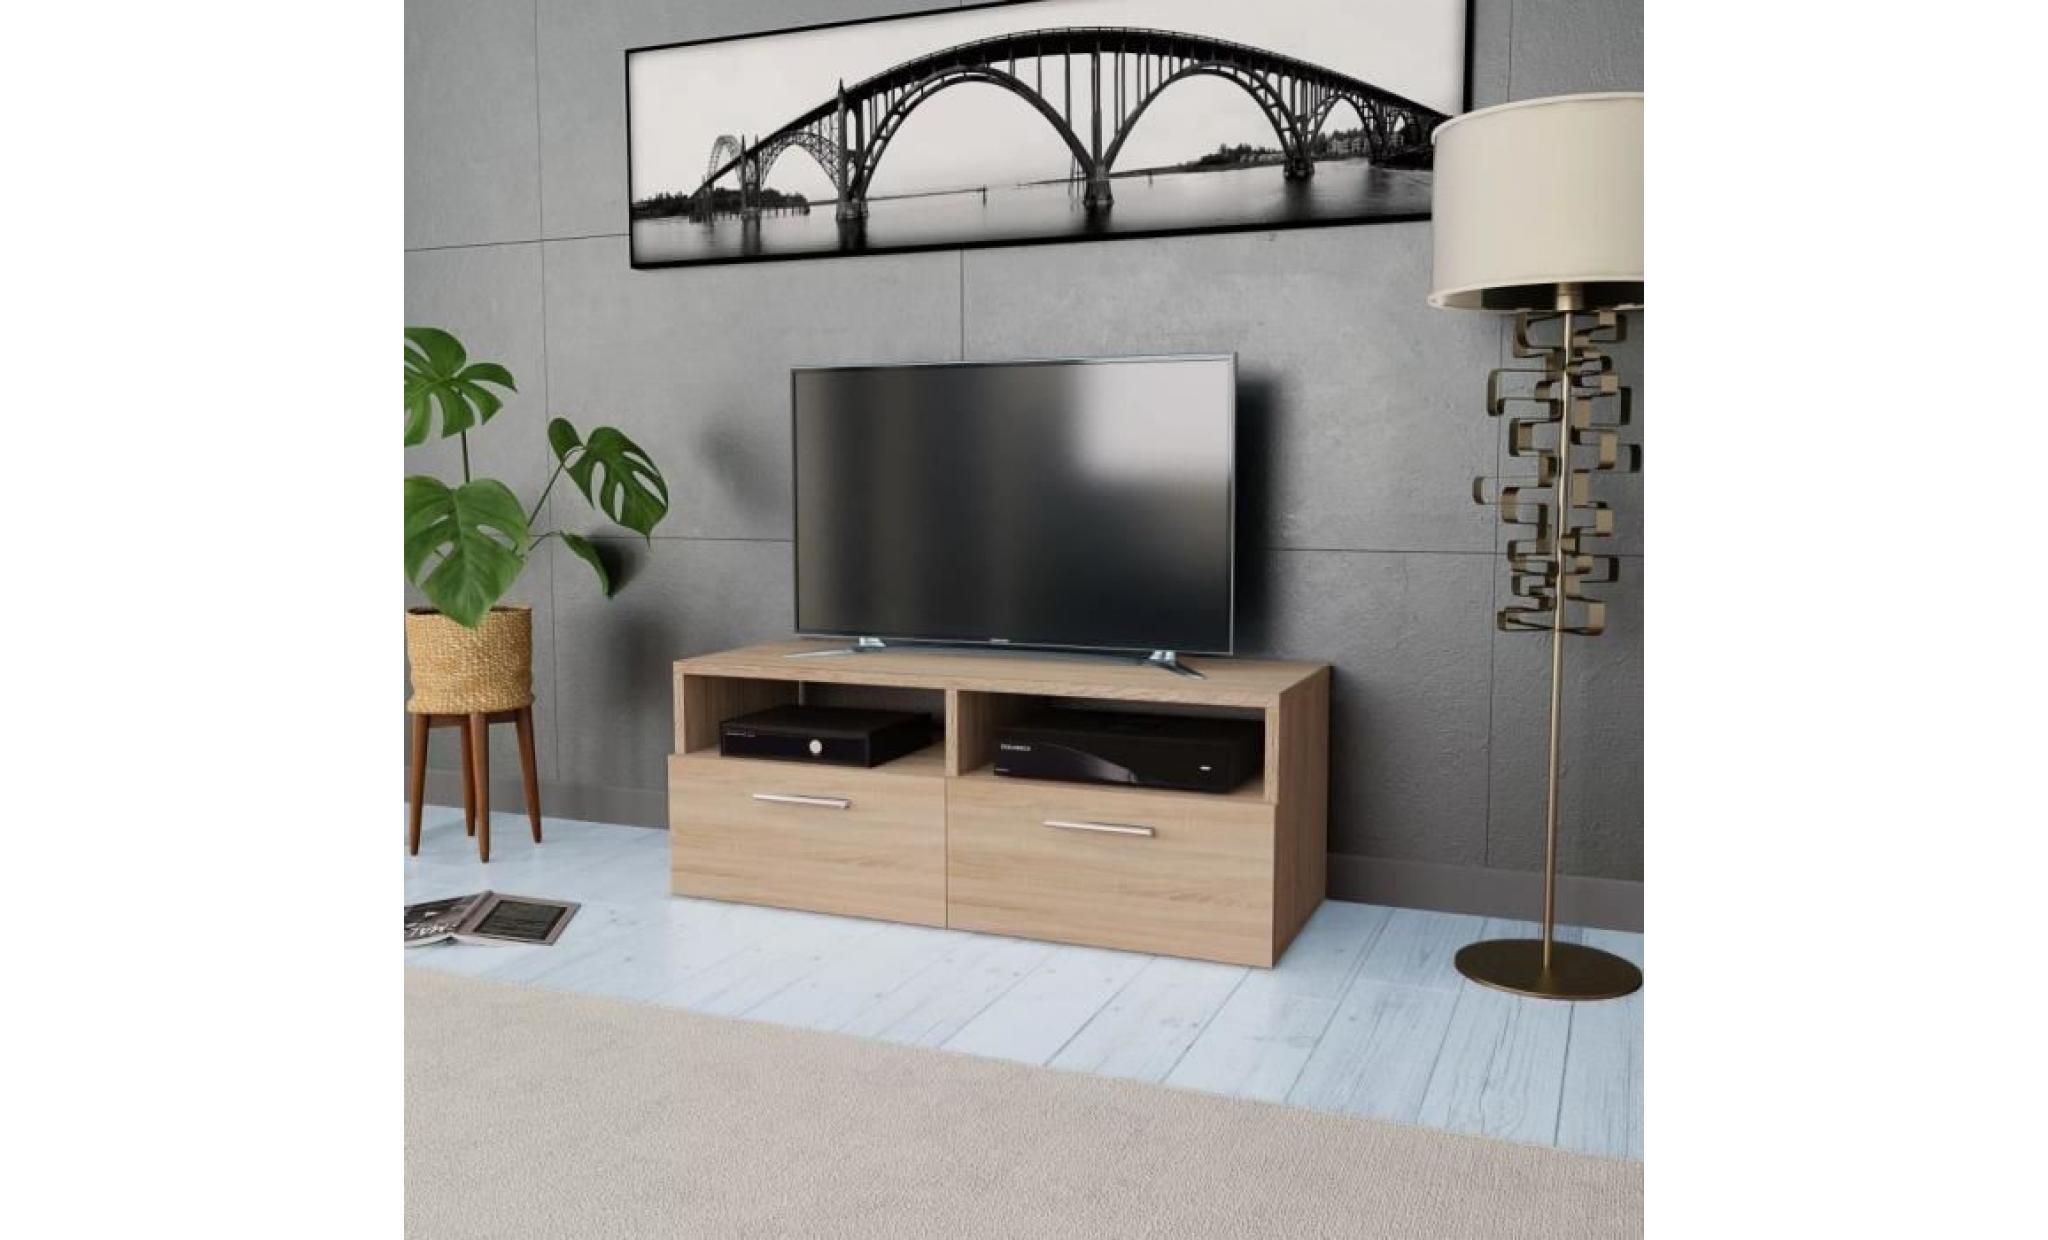 meuble tv agglomere 95 x 35 x 36 cm chene muble tv mural scandinave achat vente meuble tv pas cher couleur et design fr